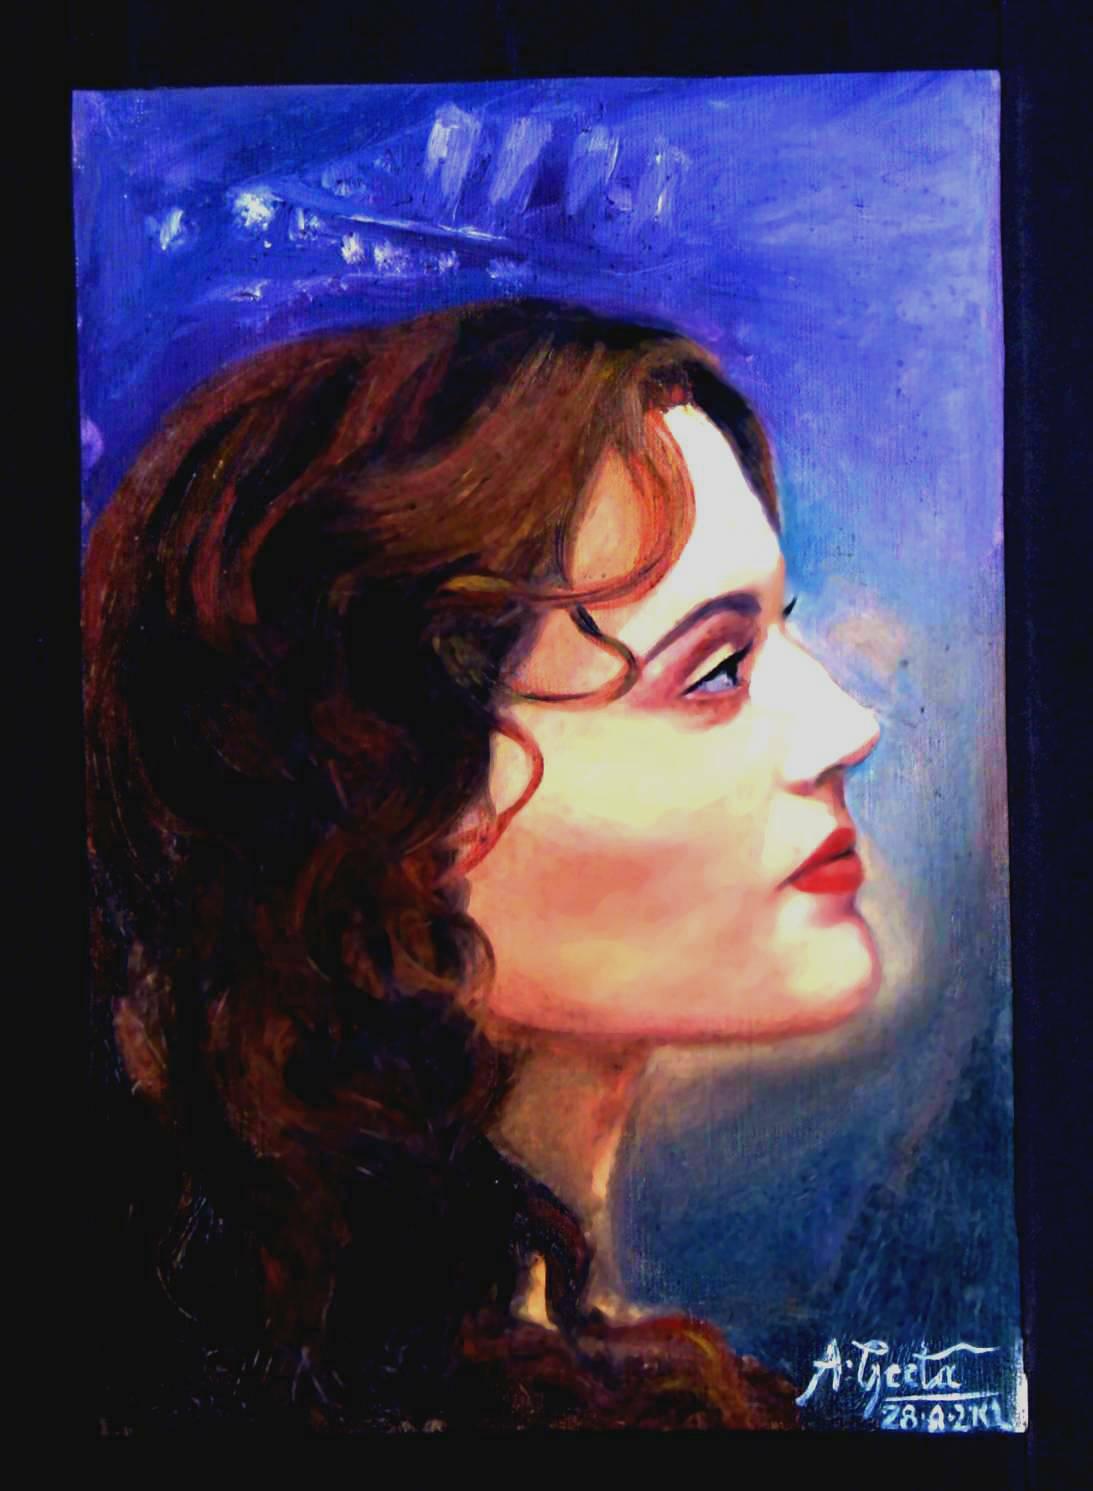 Kate Winslet - Ocean of Memories